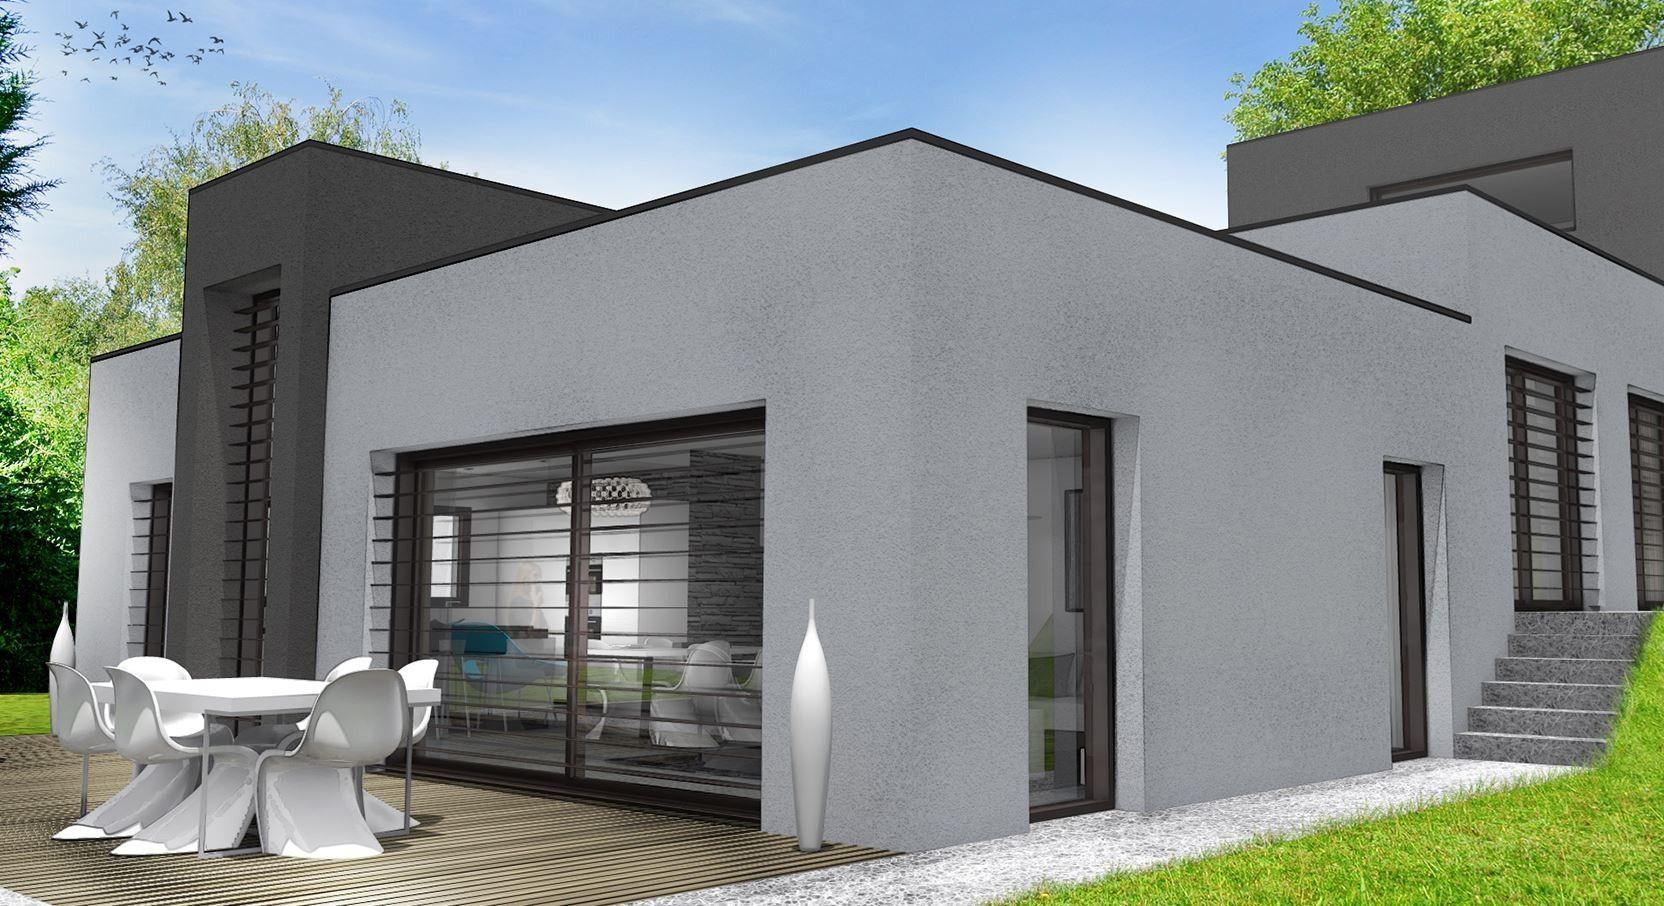 Plan Maison Terrain En Pente Design De Cubique Contemporaine ... destiné Maisons Design En Pente